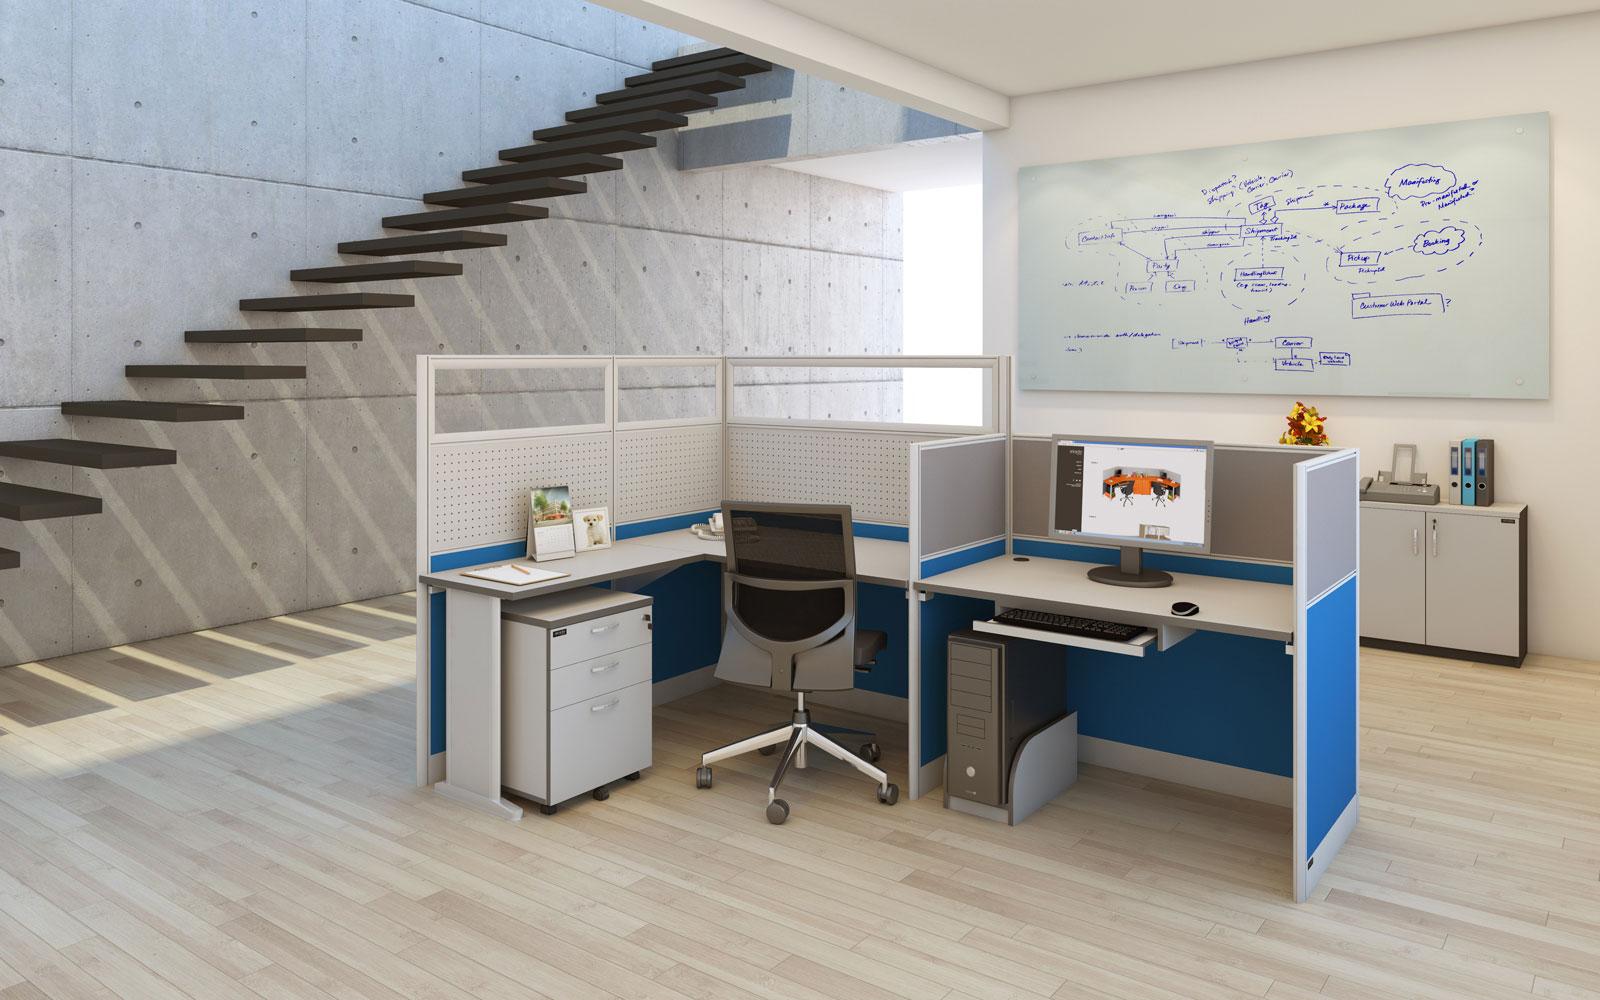 4 Tipe Meja Kantor dan Fungsinya 1